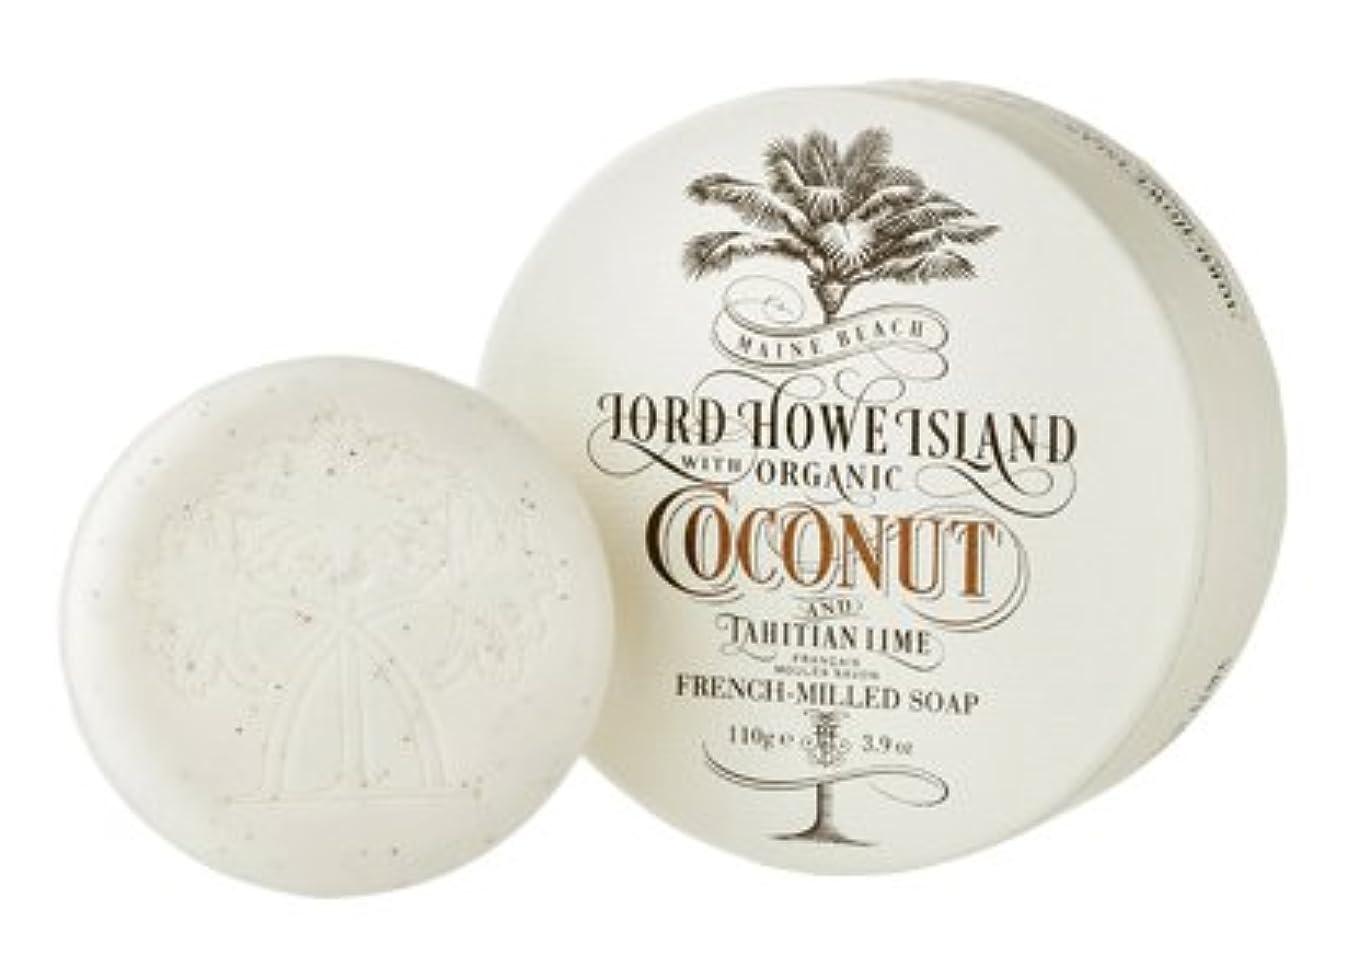 おいしい遅れマラドロイトマインビーチ ココナッツ&ライムシリーズ モイスチャーライジング ソープ